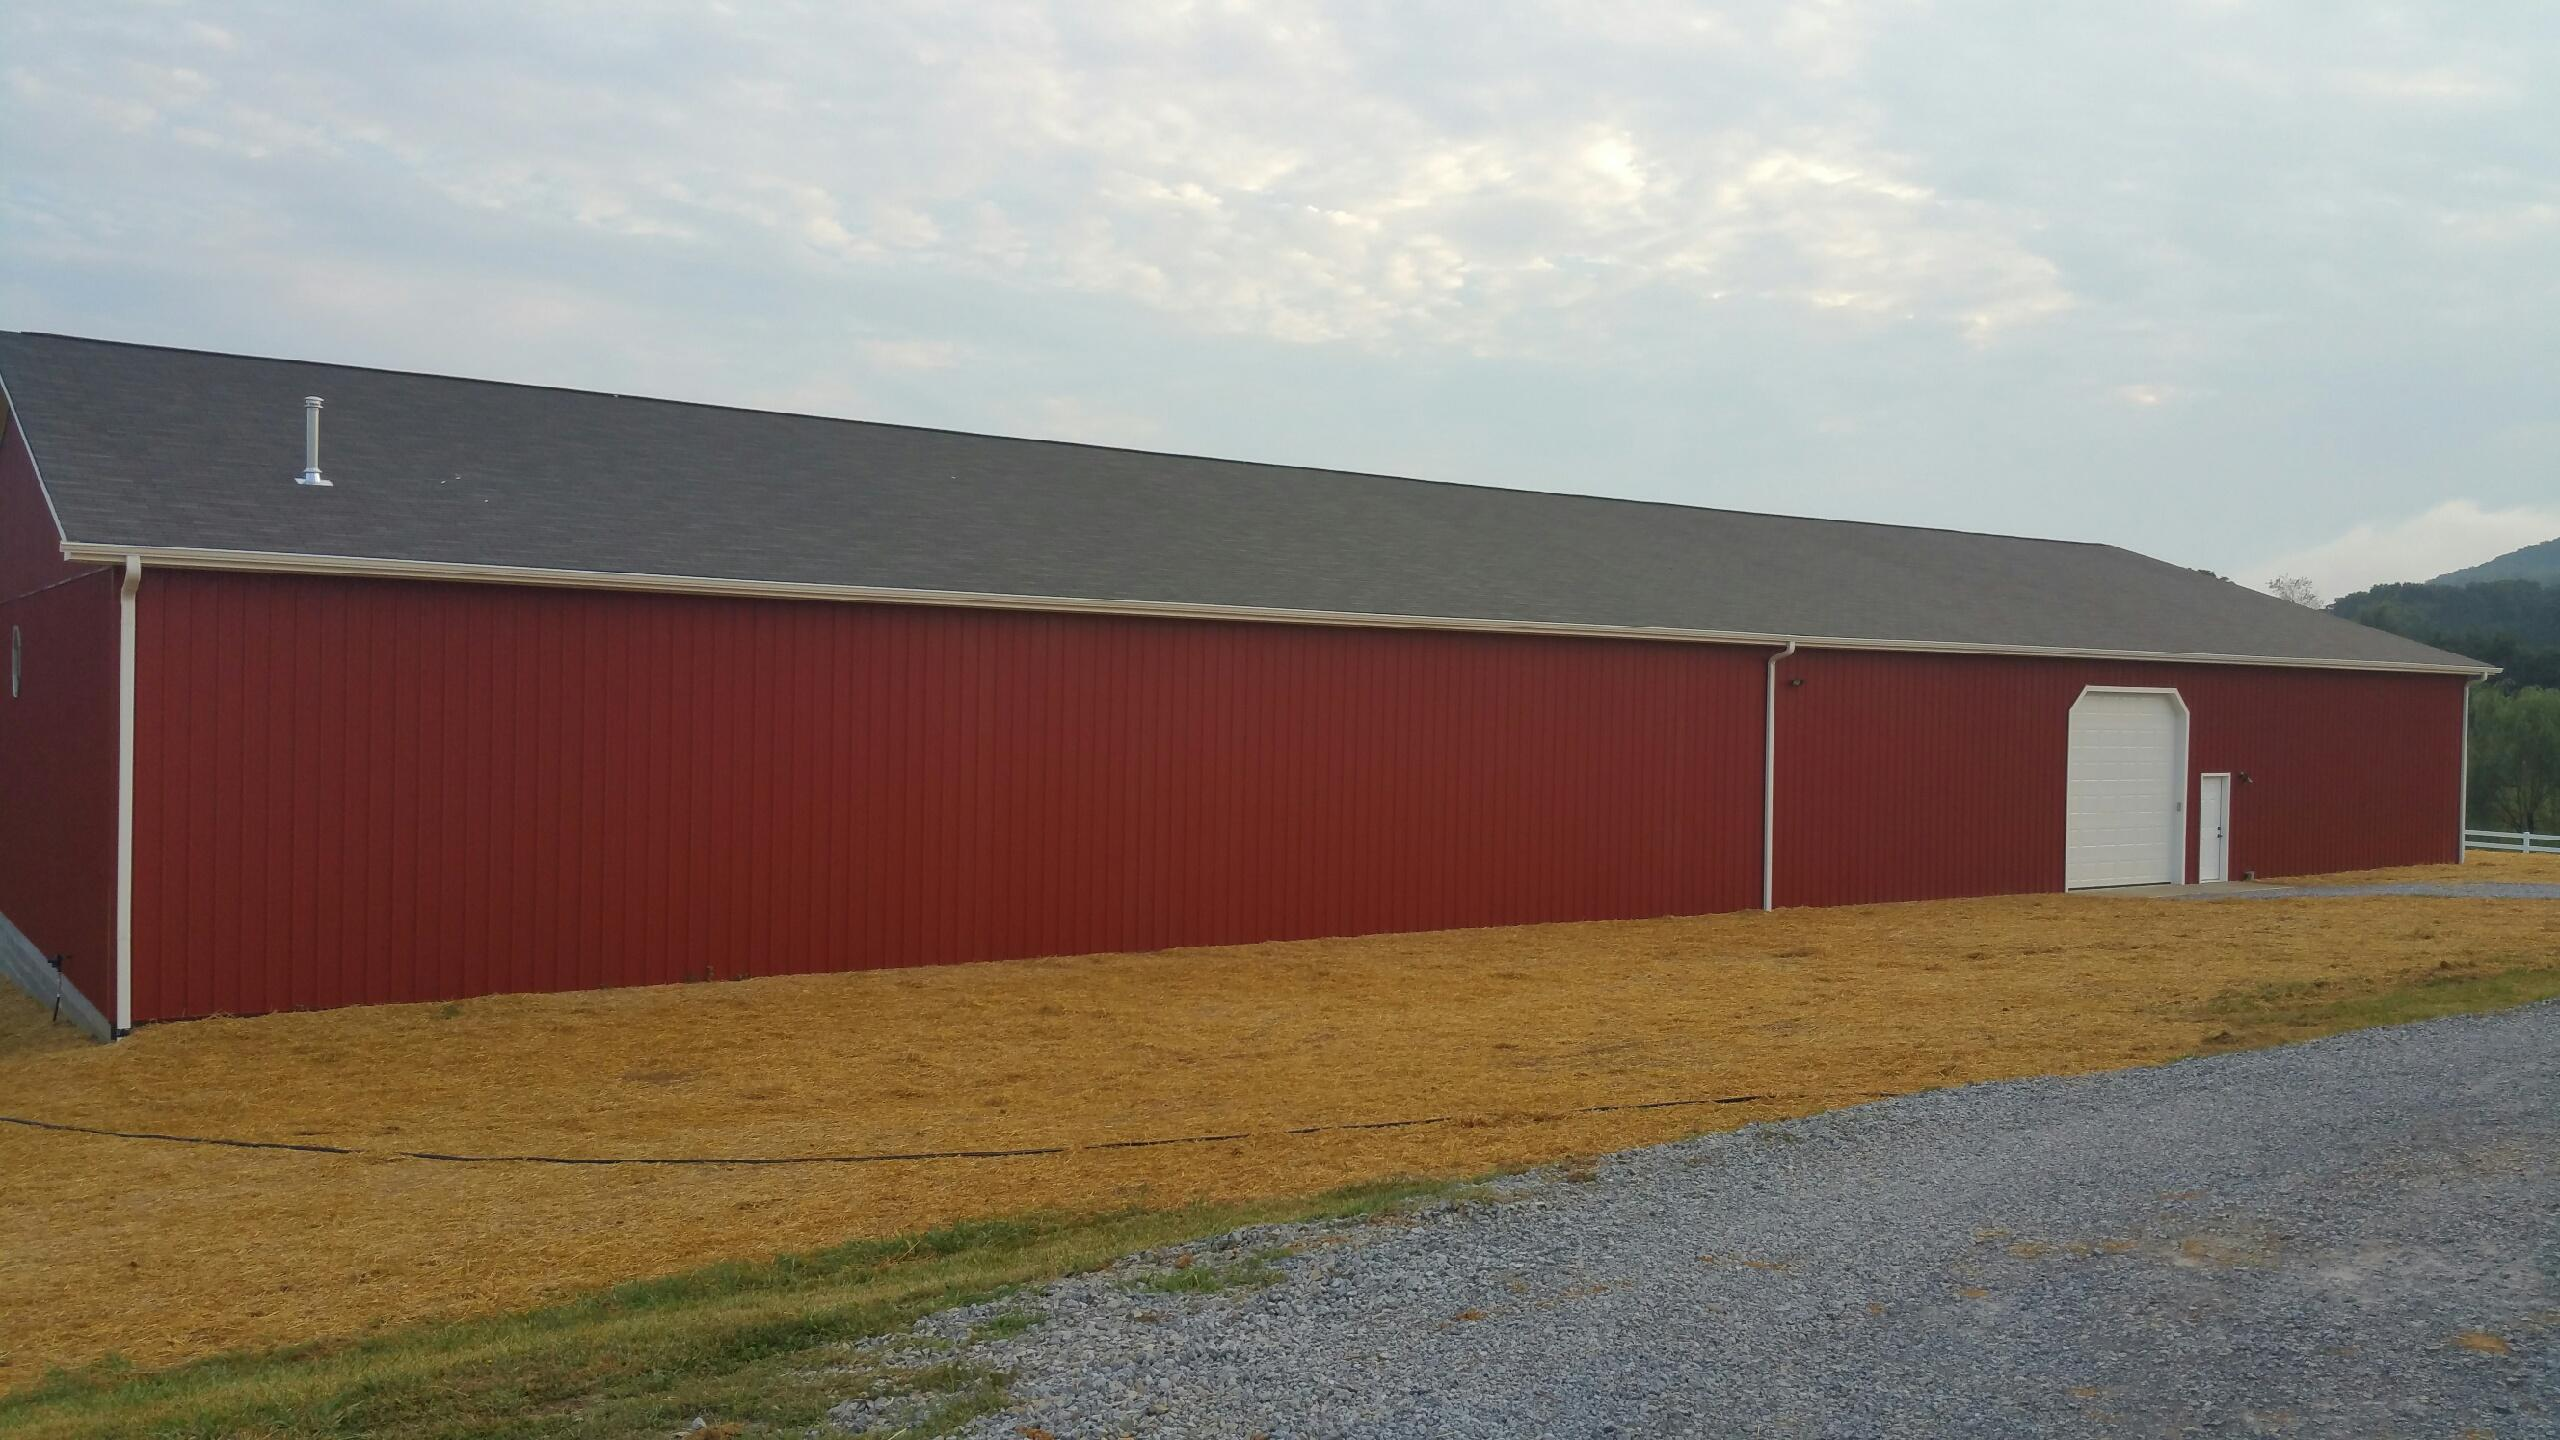 50' x 150' Pole Barn Outside